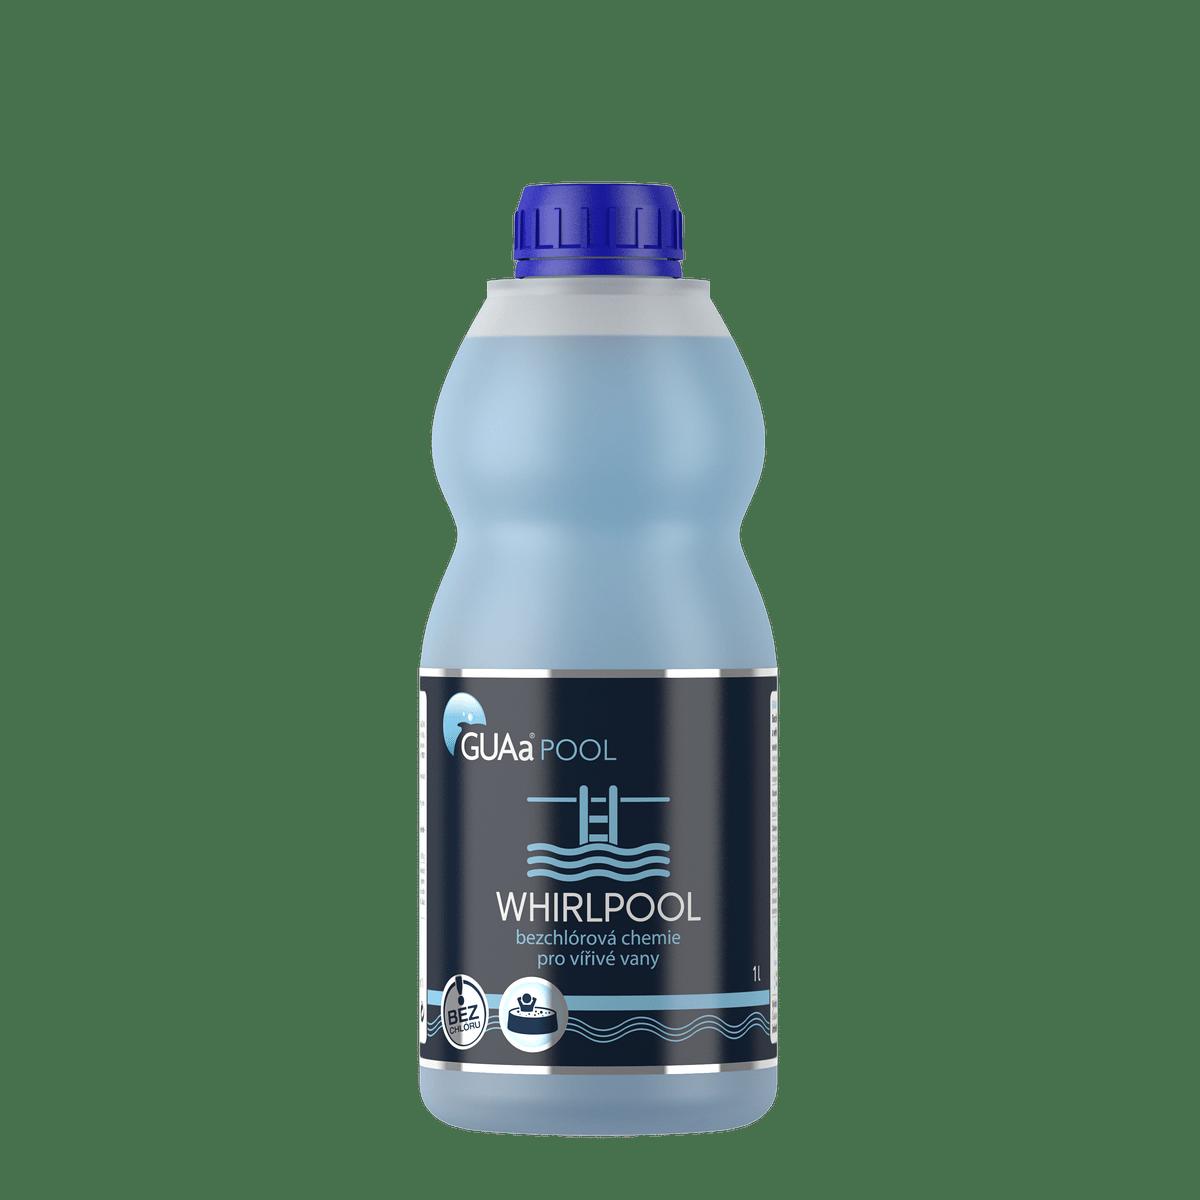 GUAa POOL WHIRLPOOL 1 l - bezchlórová chemie pro vířivé vany